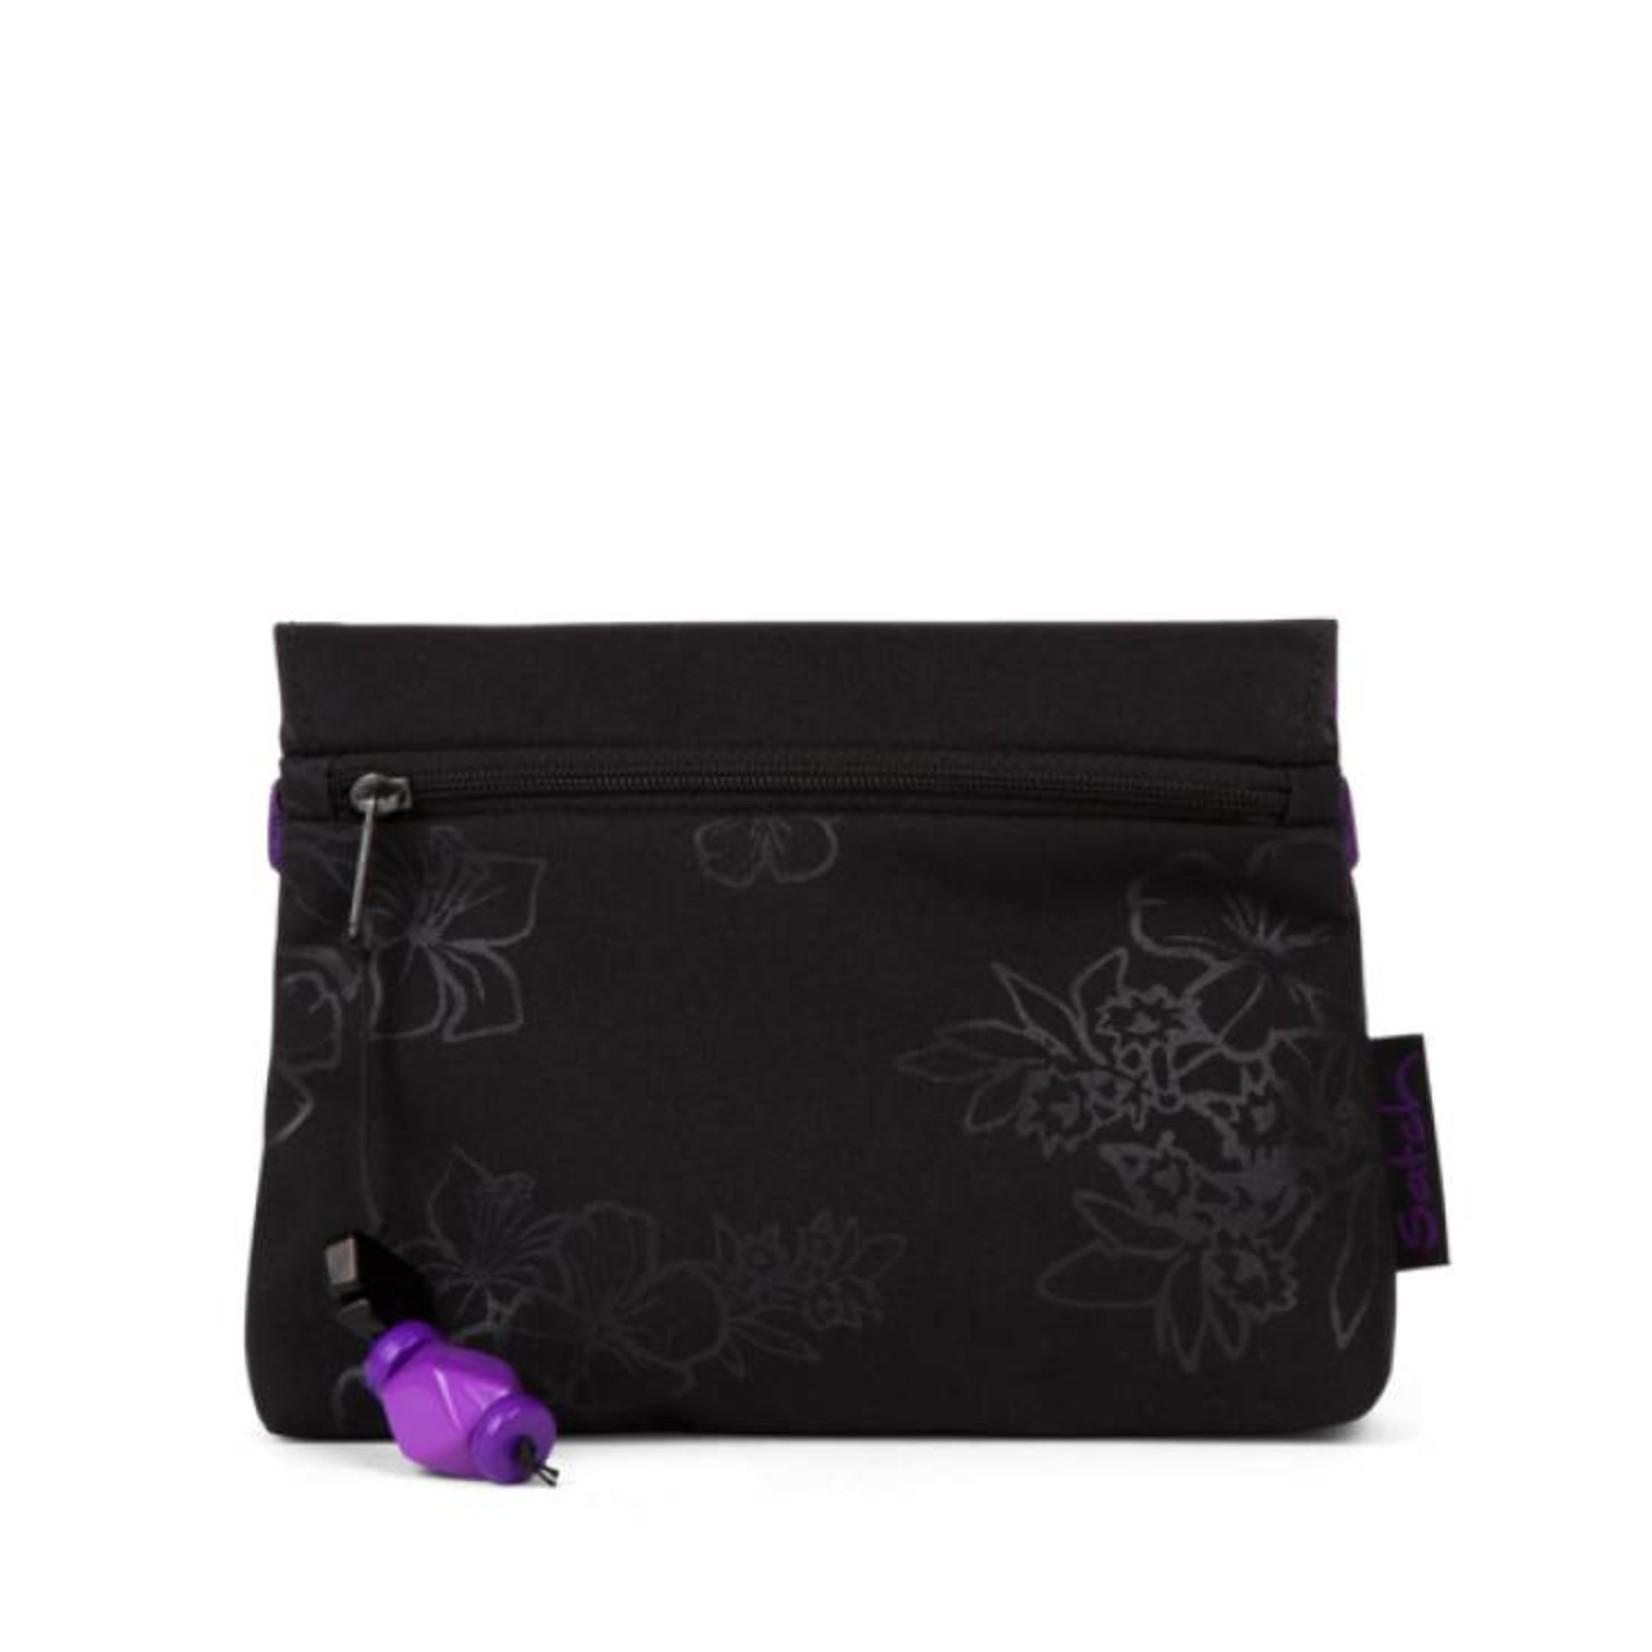 SATCH Satch KLATSCH Clutch Purple Hibiscus schwarz lila